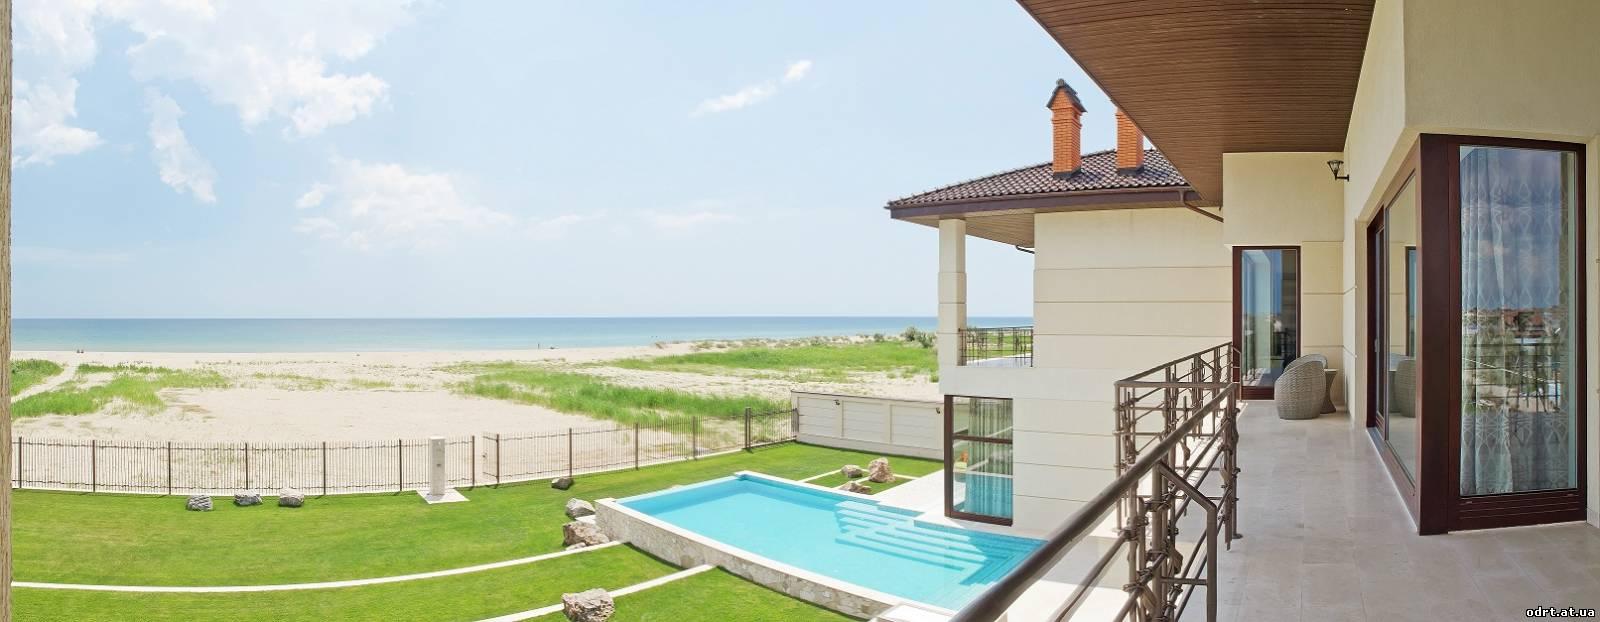 Купить гостиницу на берегу моря недорого